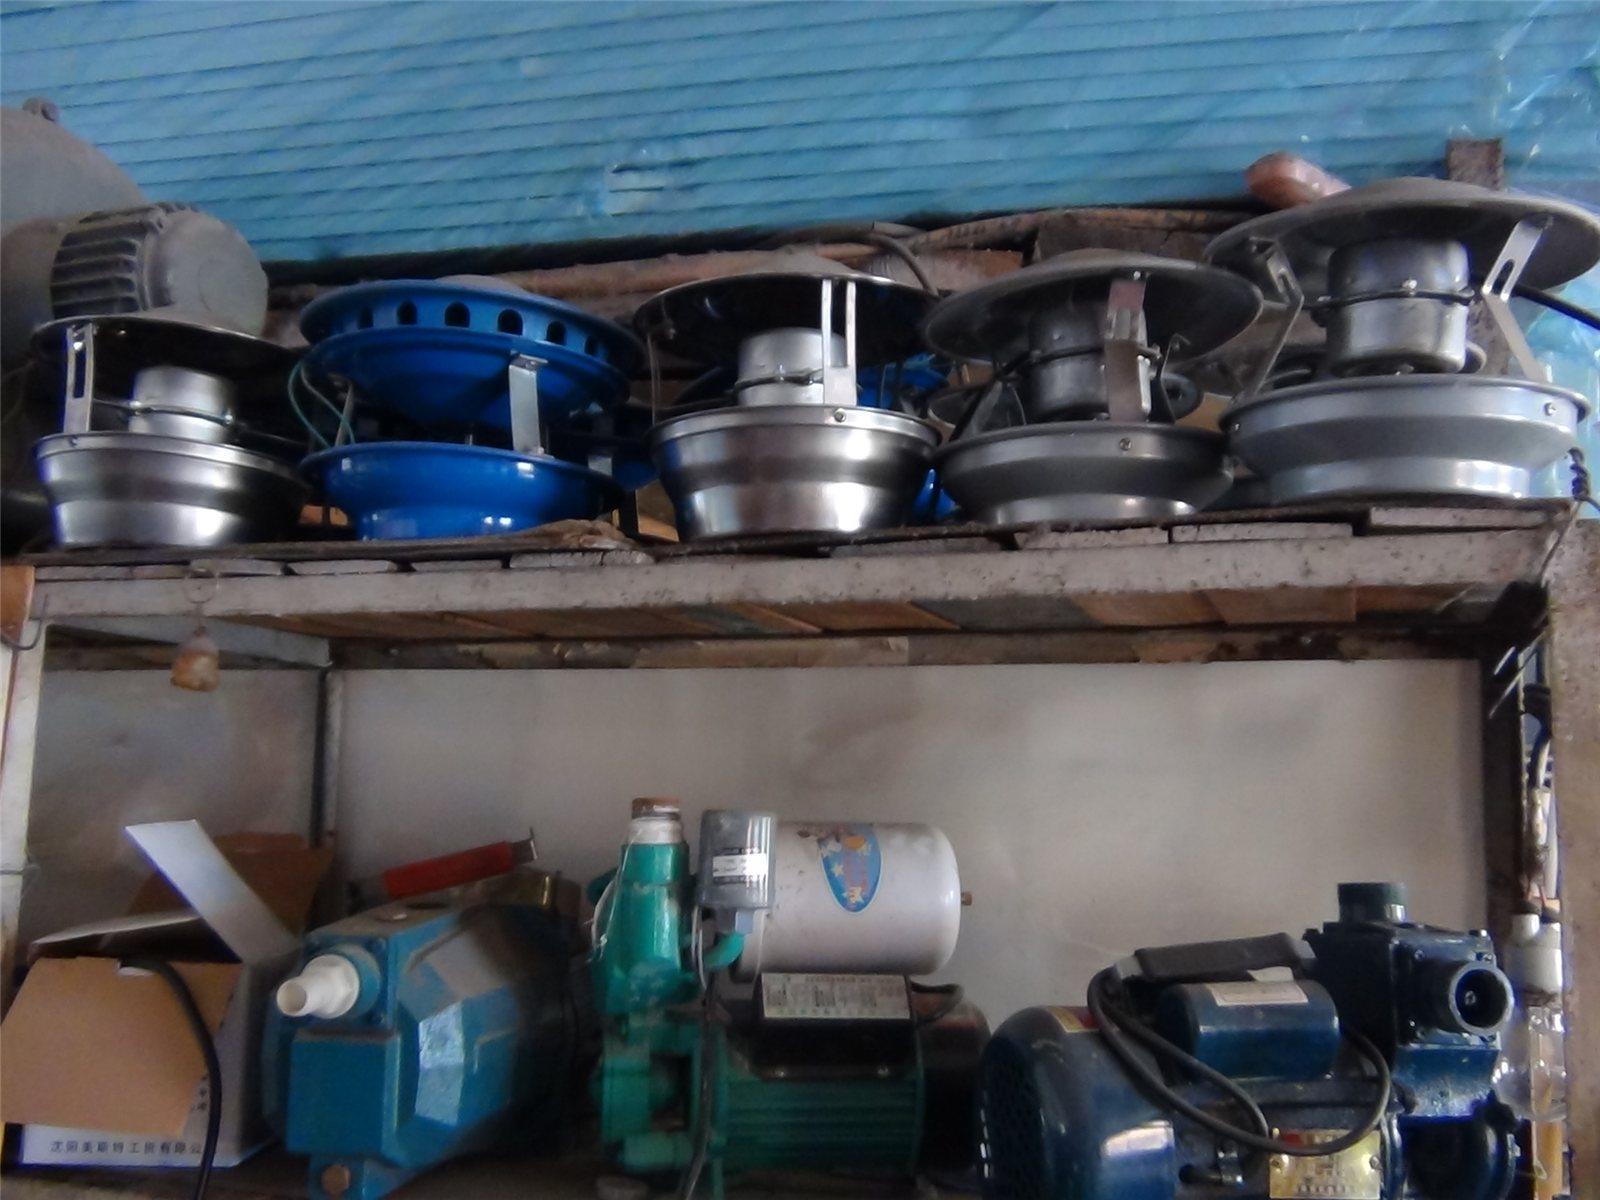 太阳能配件,暖气片,电地热,水地热,电线,打井配套料,专业维修水泵